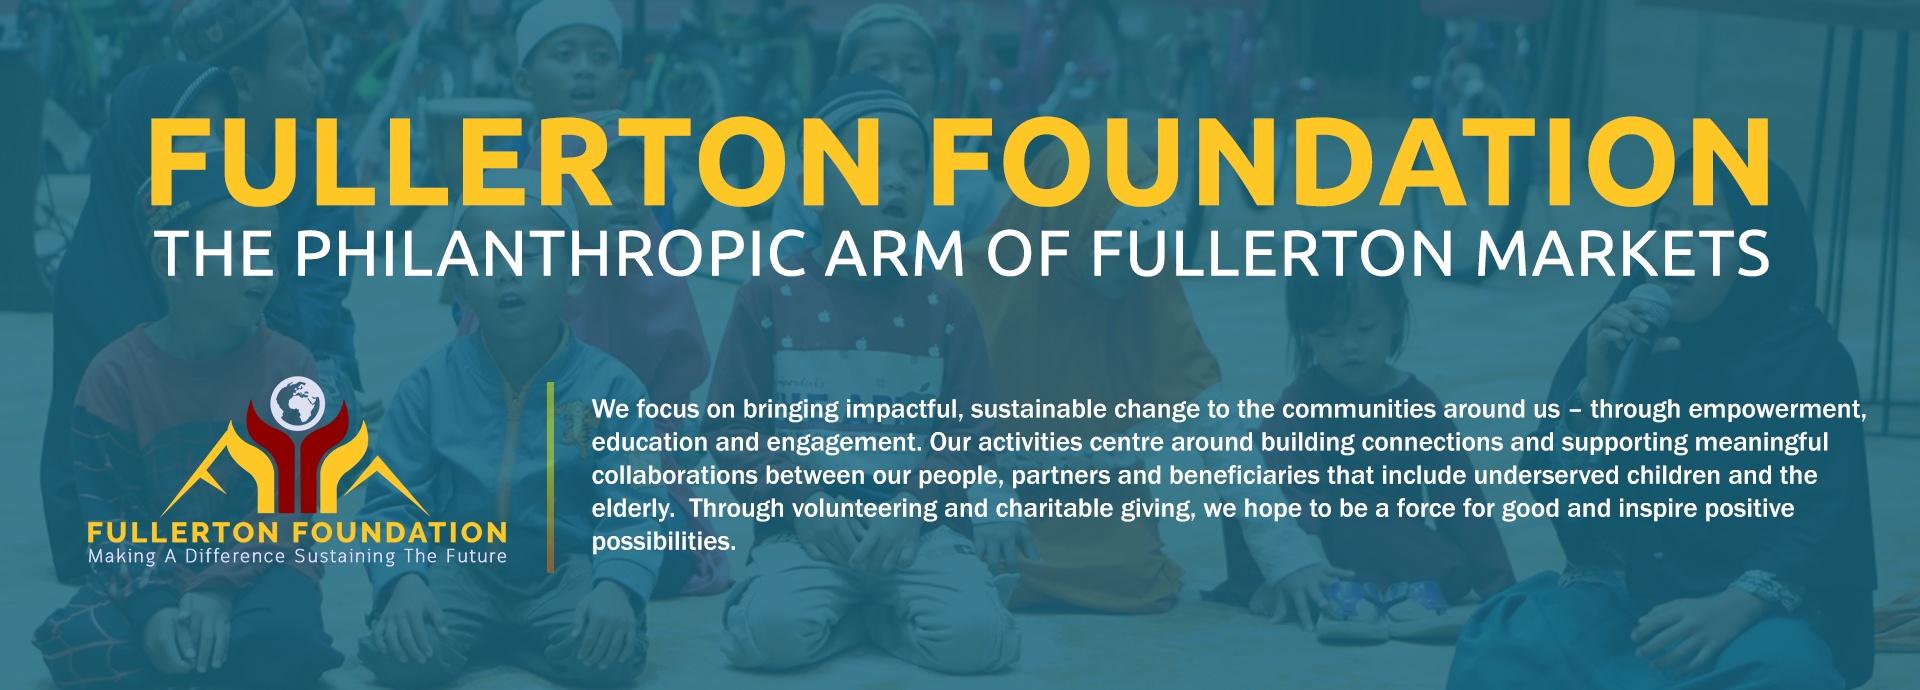 HEADER-1920X690_Fullerton-Foundation